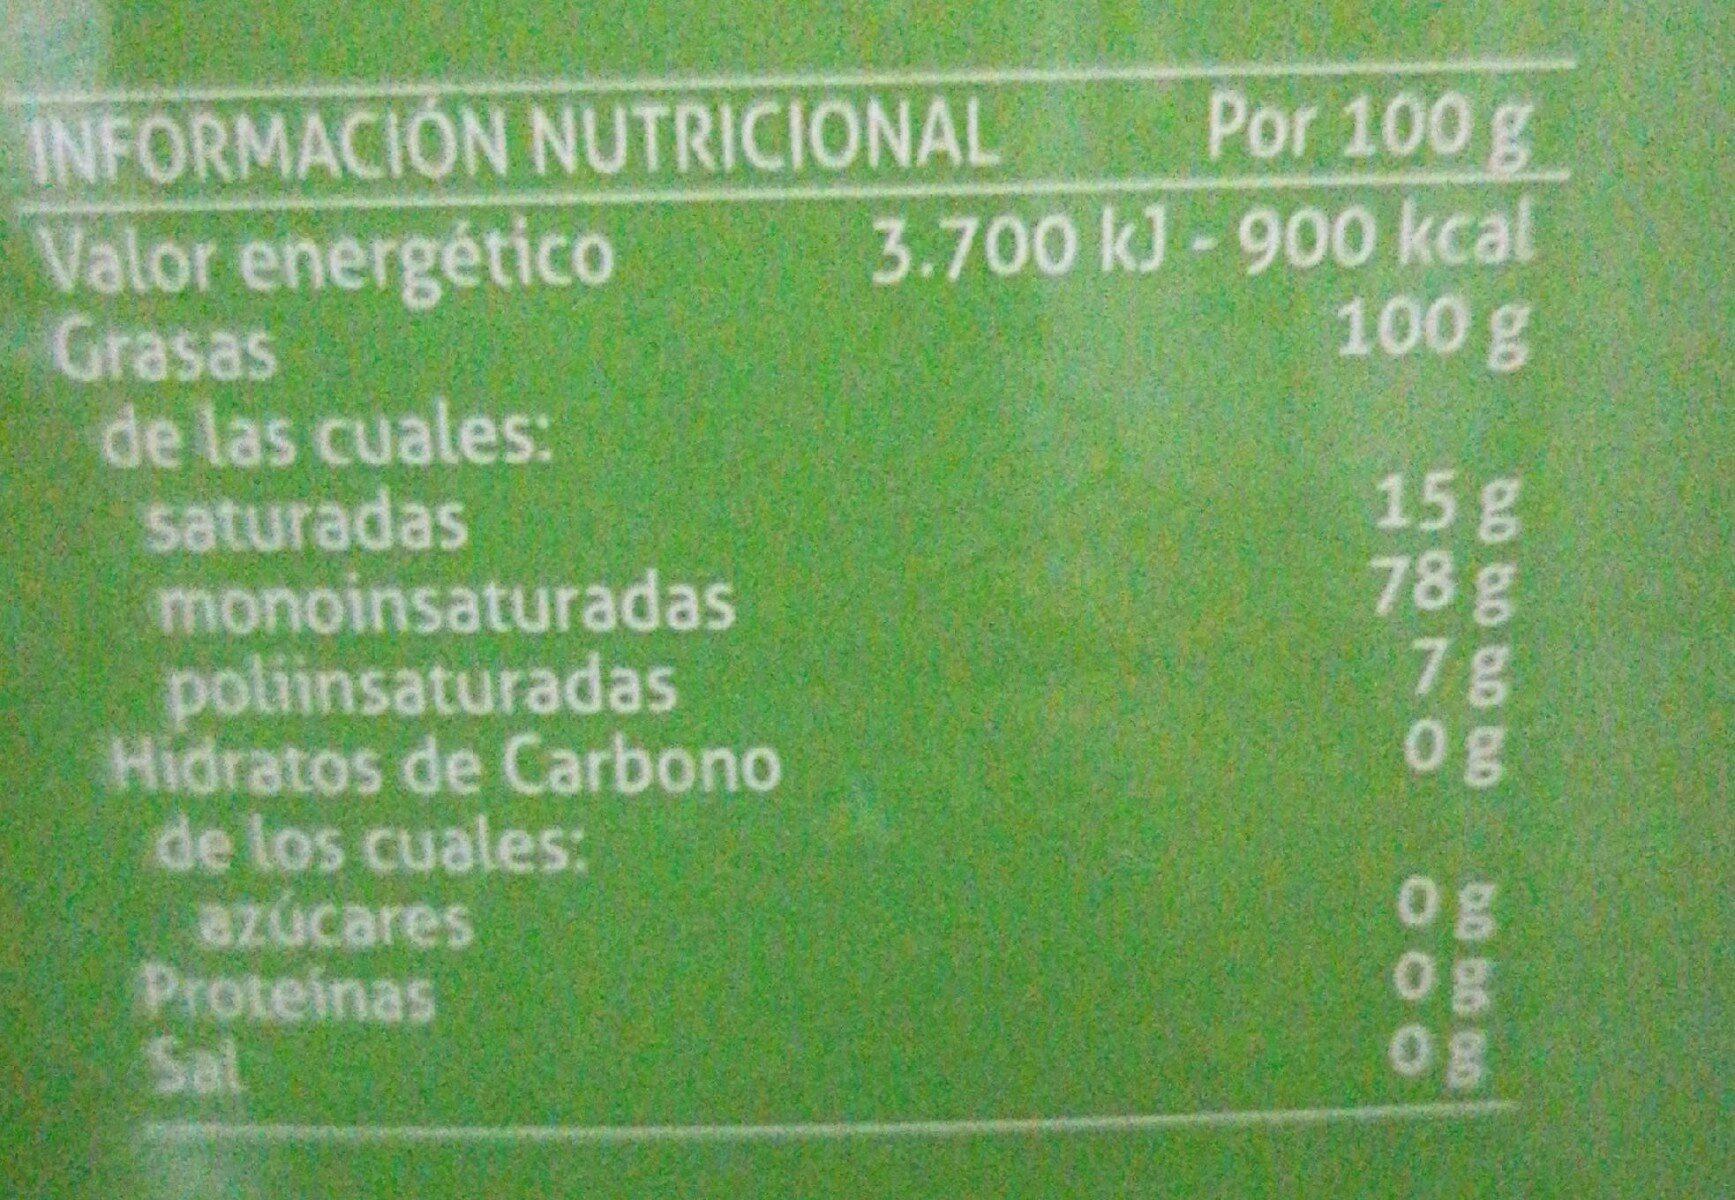 Aceite de oliva virgen - Informació nutricional - es